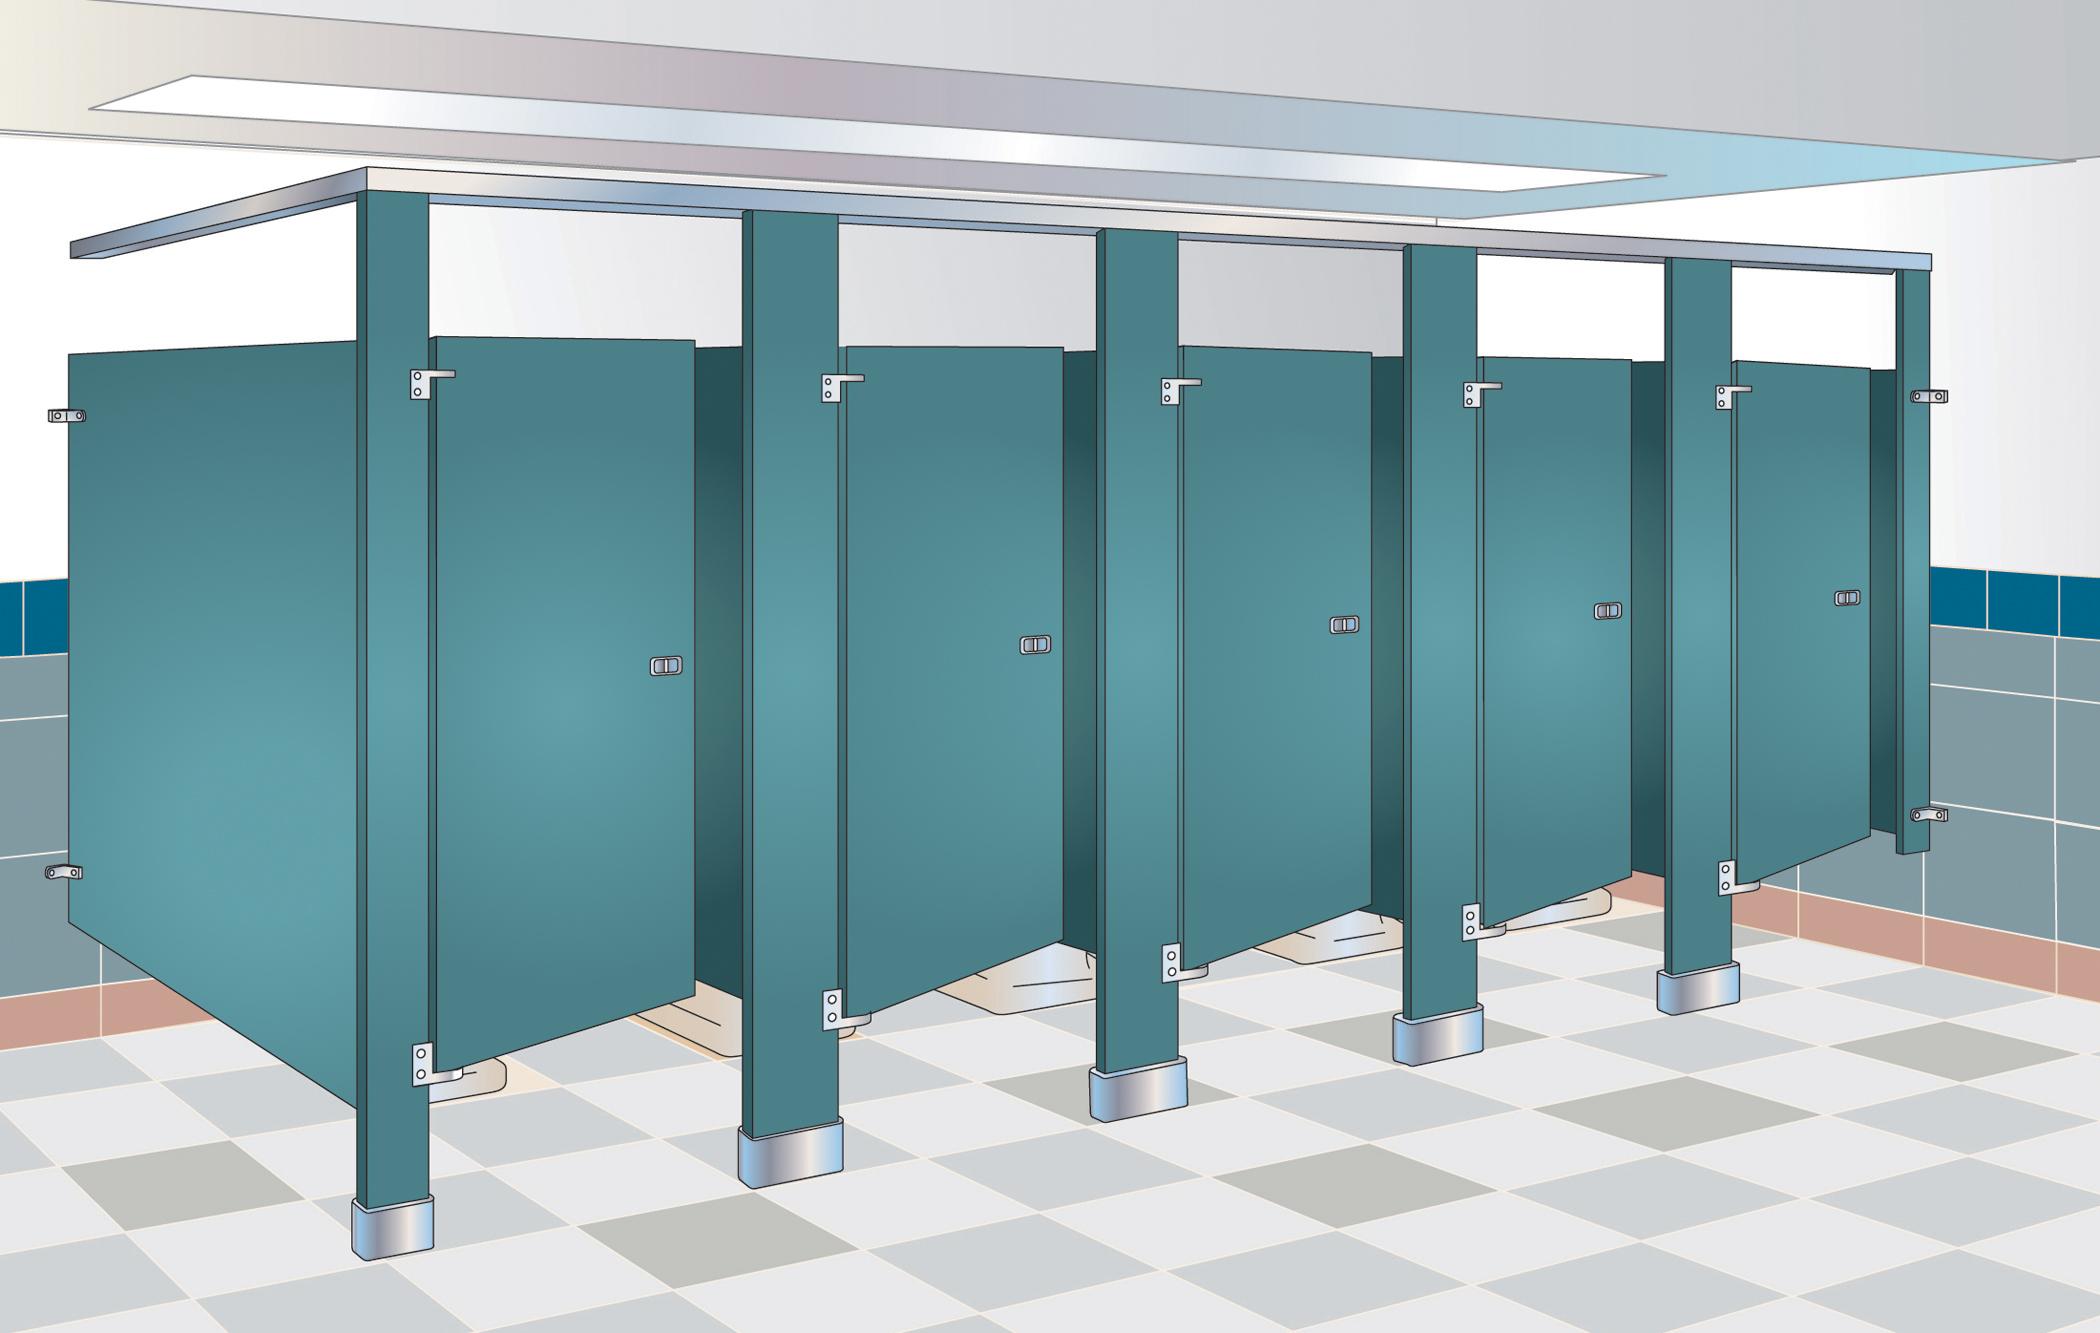 Pisos Para Baños Publicos:Overhead Braced Toilet Partitions